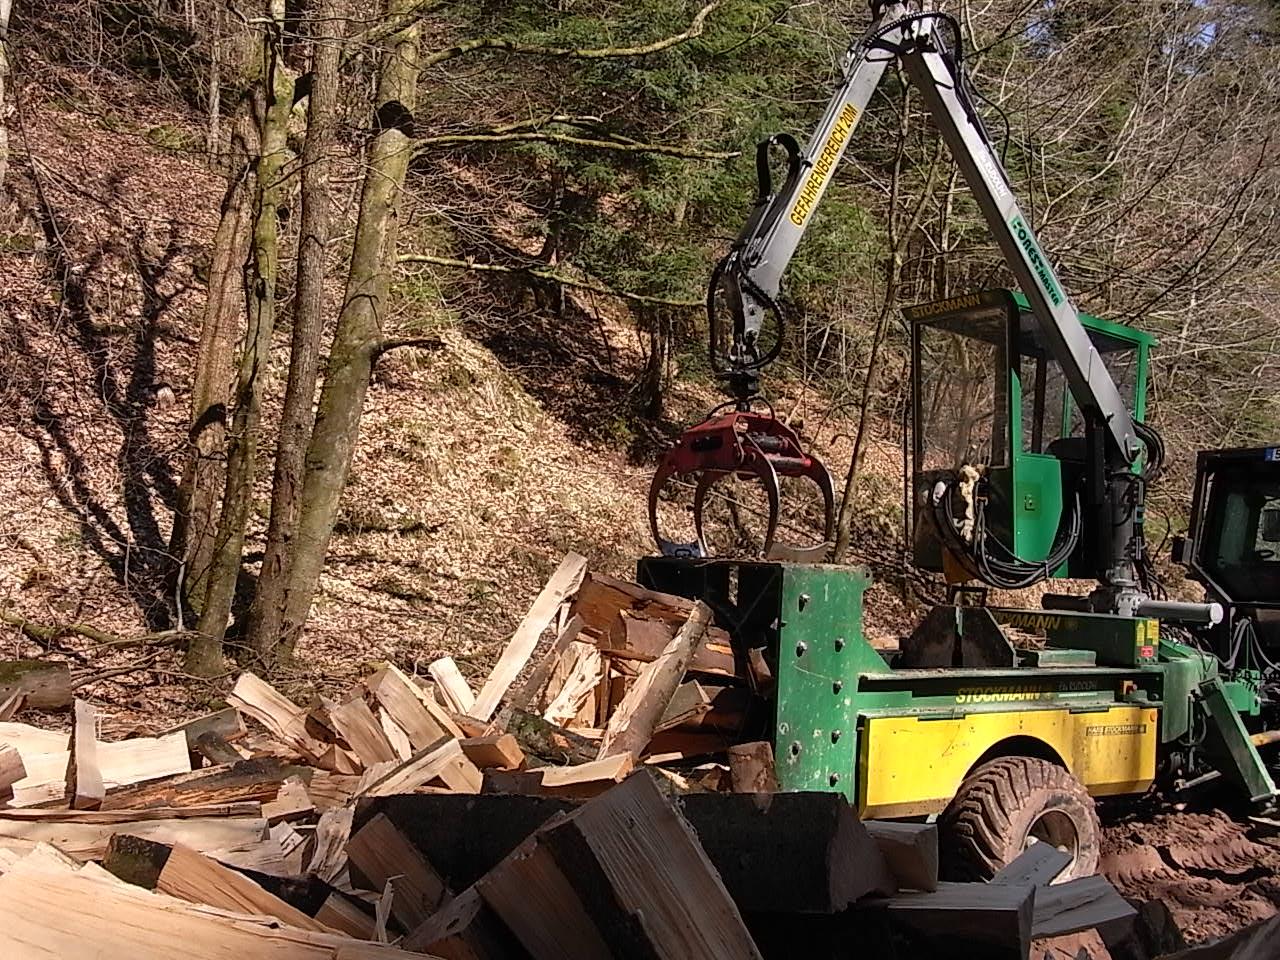 Billot Bois Pour Fendre Buches : monotarcie: fendre son bois